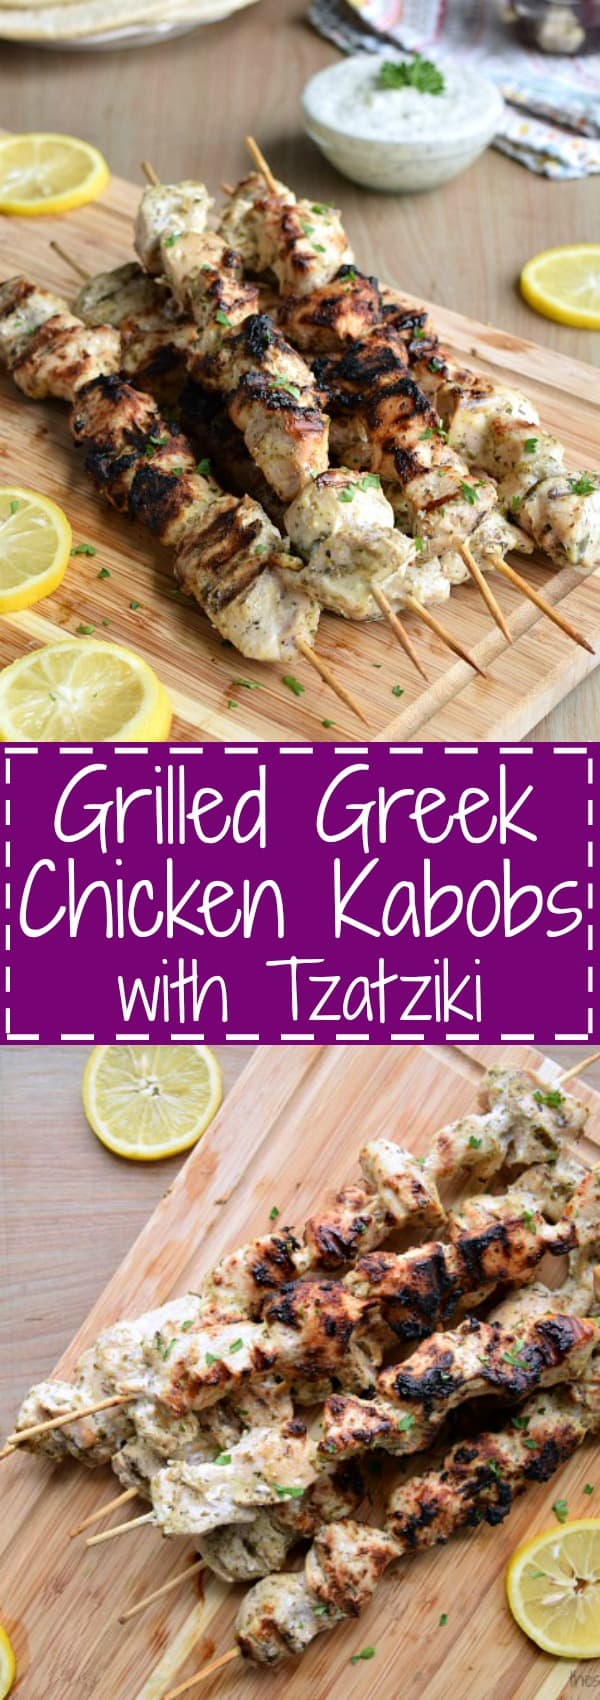 Grilled Greek Chicken Kabobs with Tzatziki